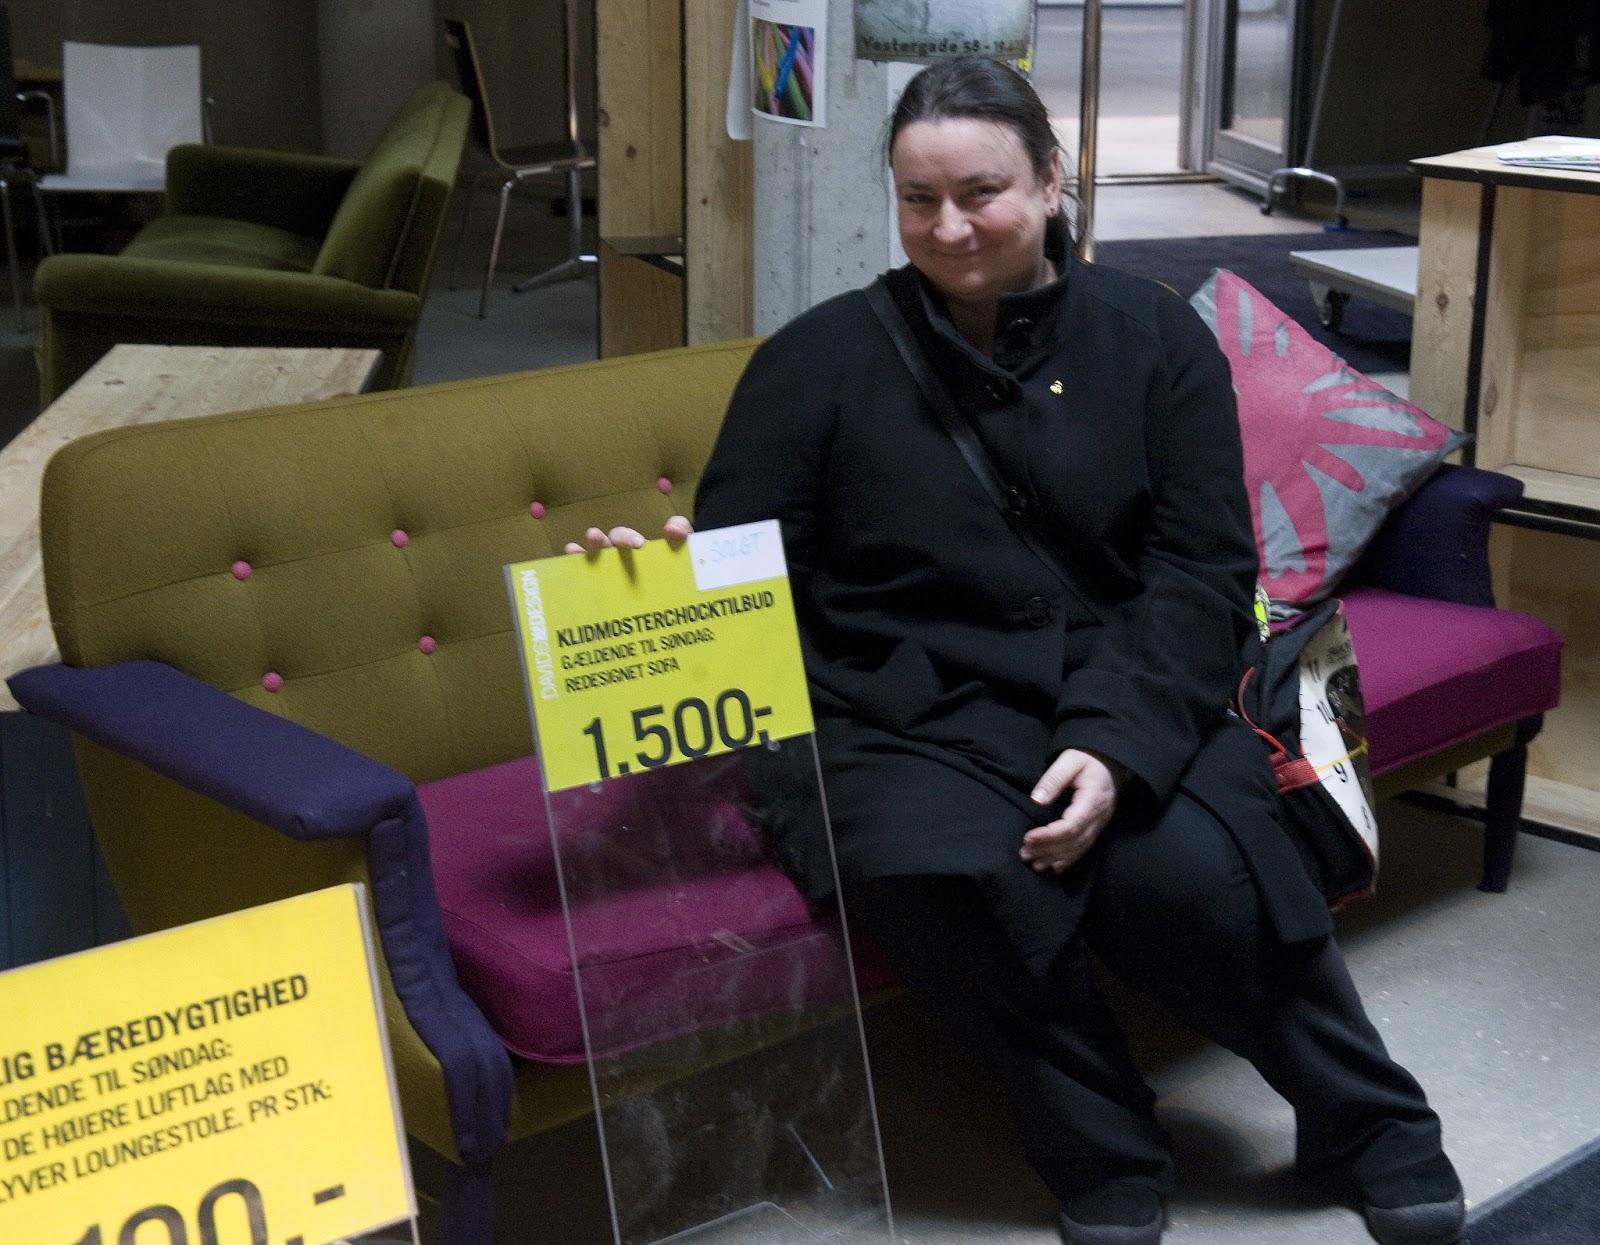 Sofa Billigt Til Salg Contemporary Living Room Brown Klidmoster Dk Orv Jeg Er Sørme Dobblet Nomineret Mad